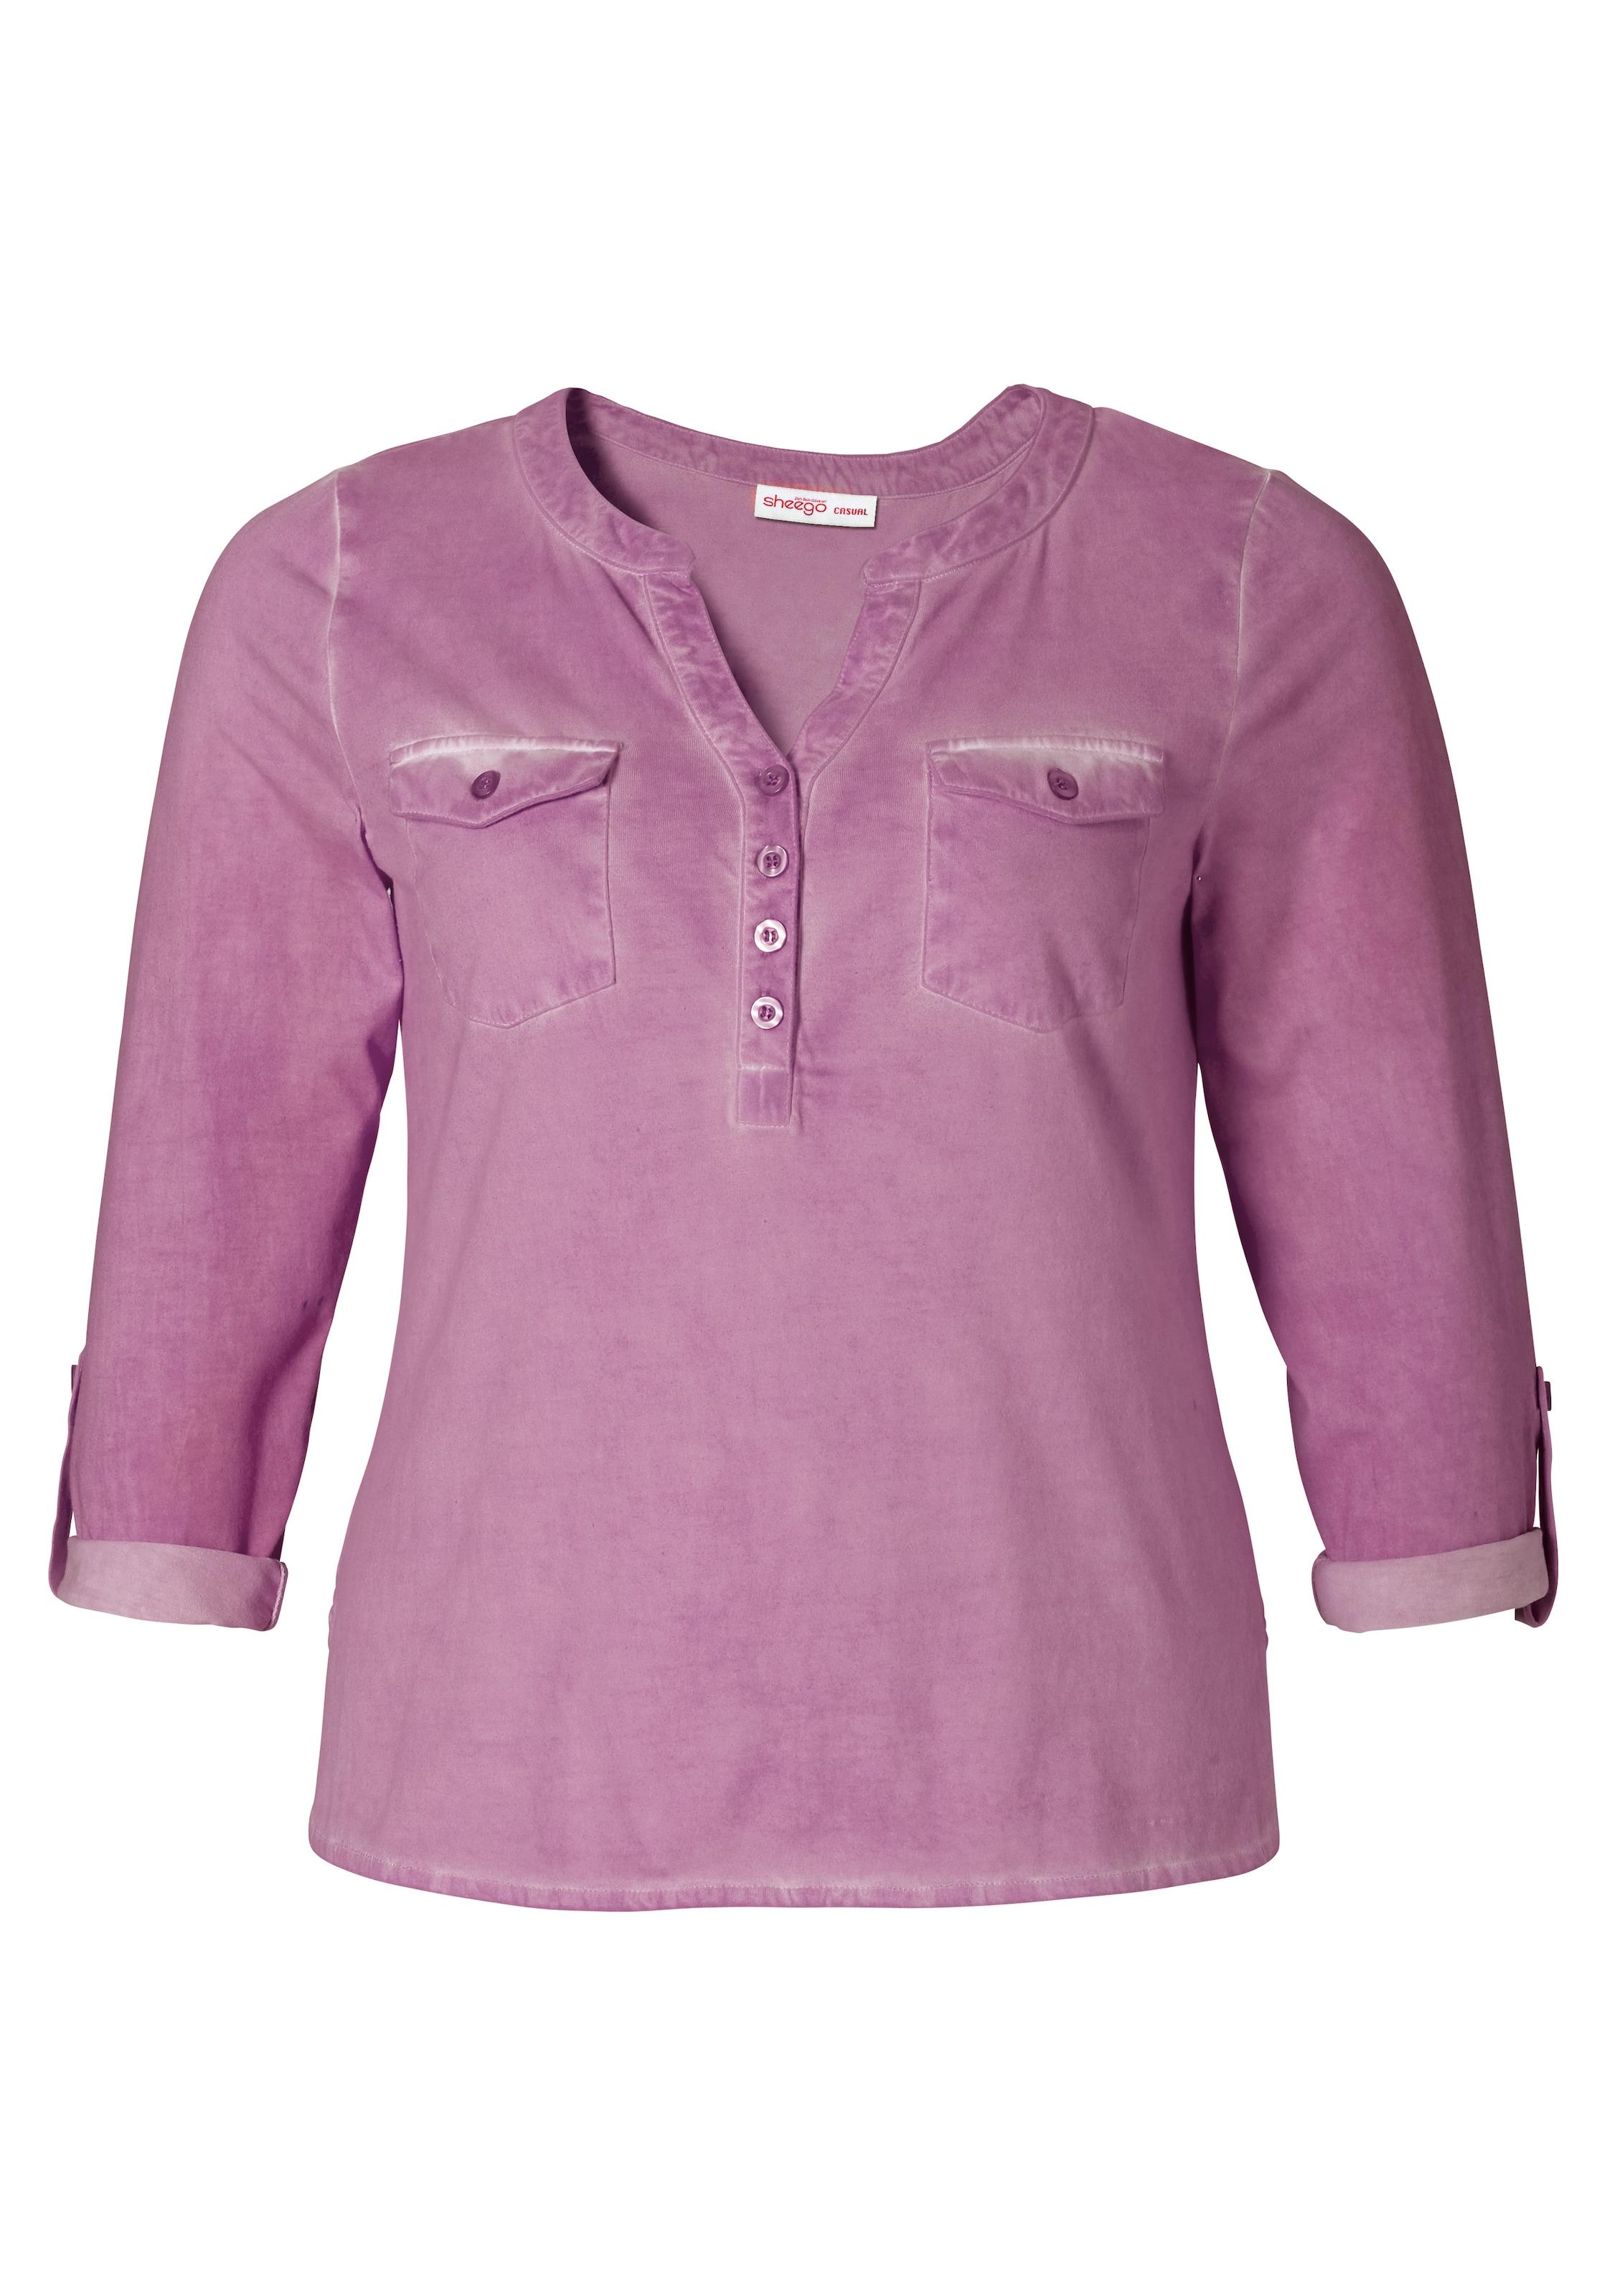 sheego casual Shirt in ausgewaschener Optik Günstig Kaufen Neue Stile Fälschen Zum Verkauf Spielraum Spielraum Store Freies Verschiffen Neuestes HgBTA